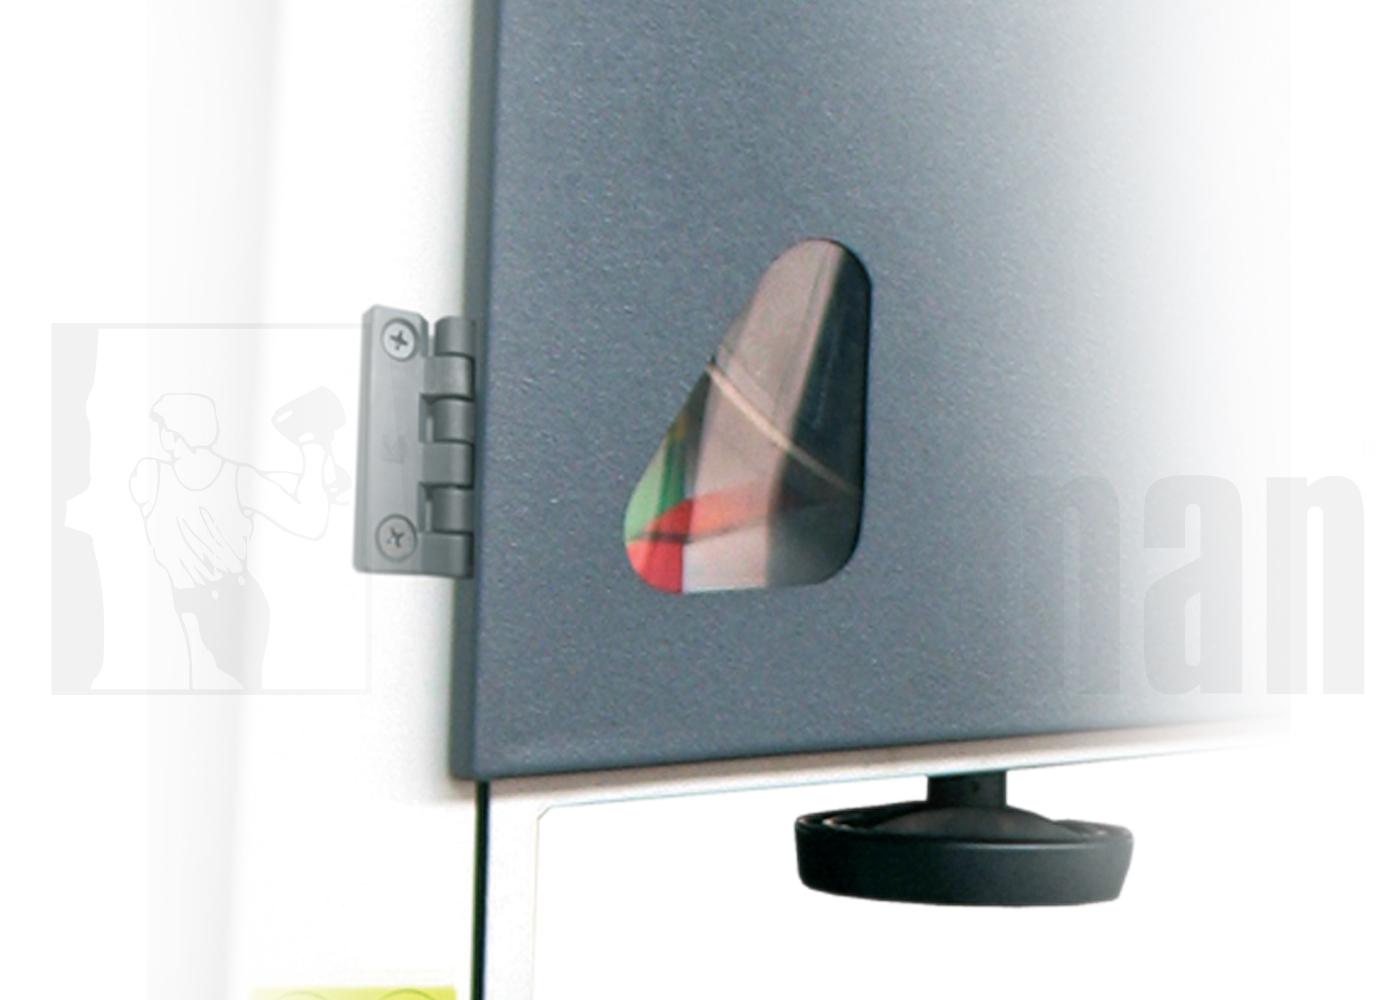 Sierra de cinta SC-600 E